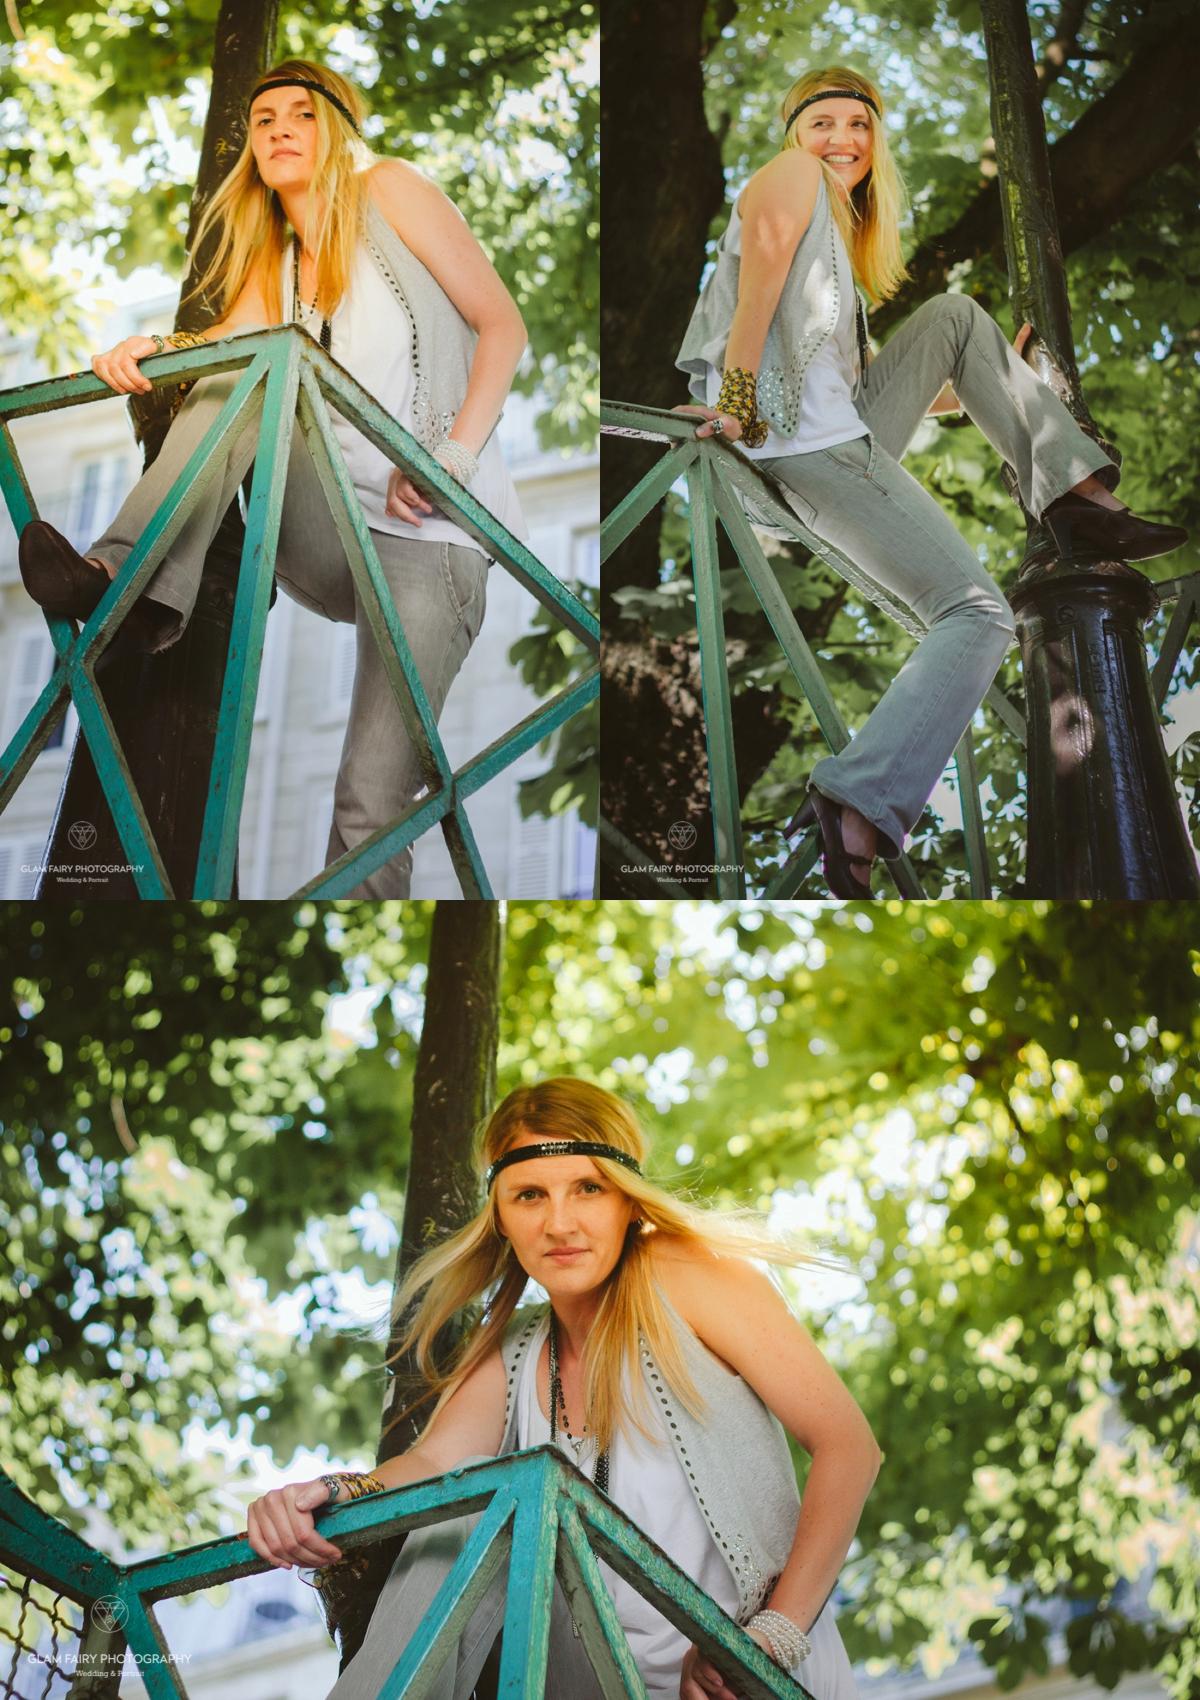 GlamFairyPhotography-seance-portrait-femme-hippie-chic-paris-sophie_0005